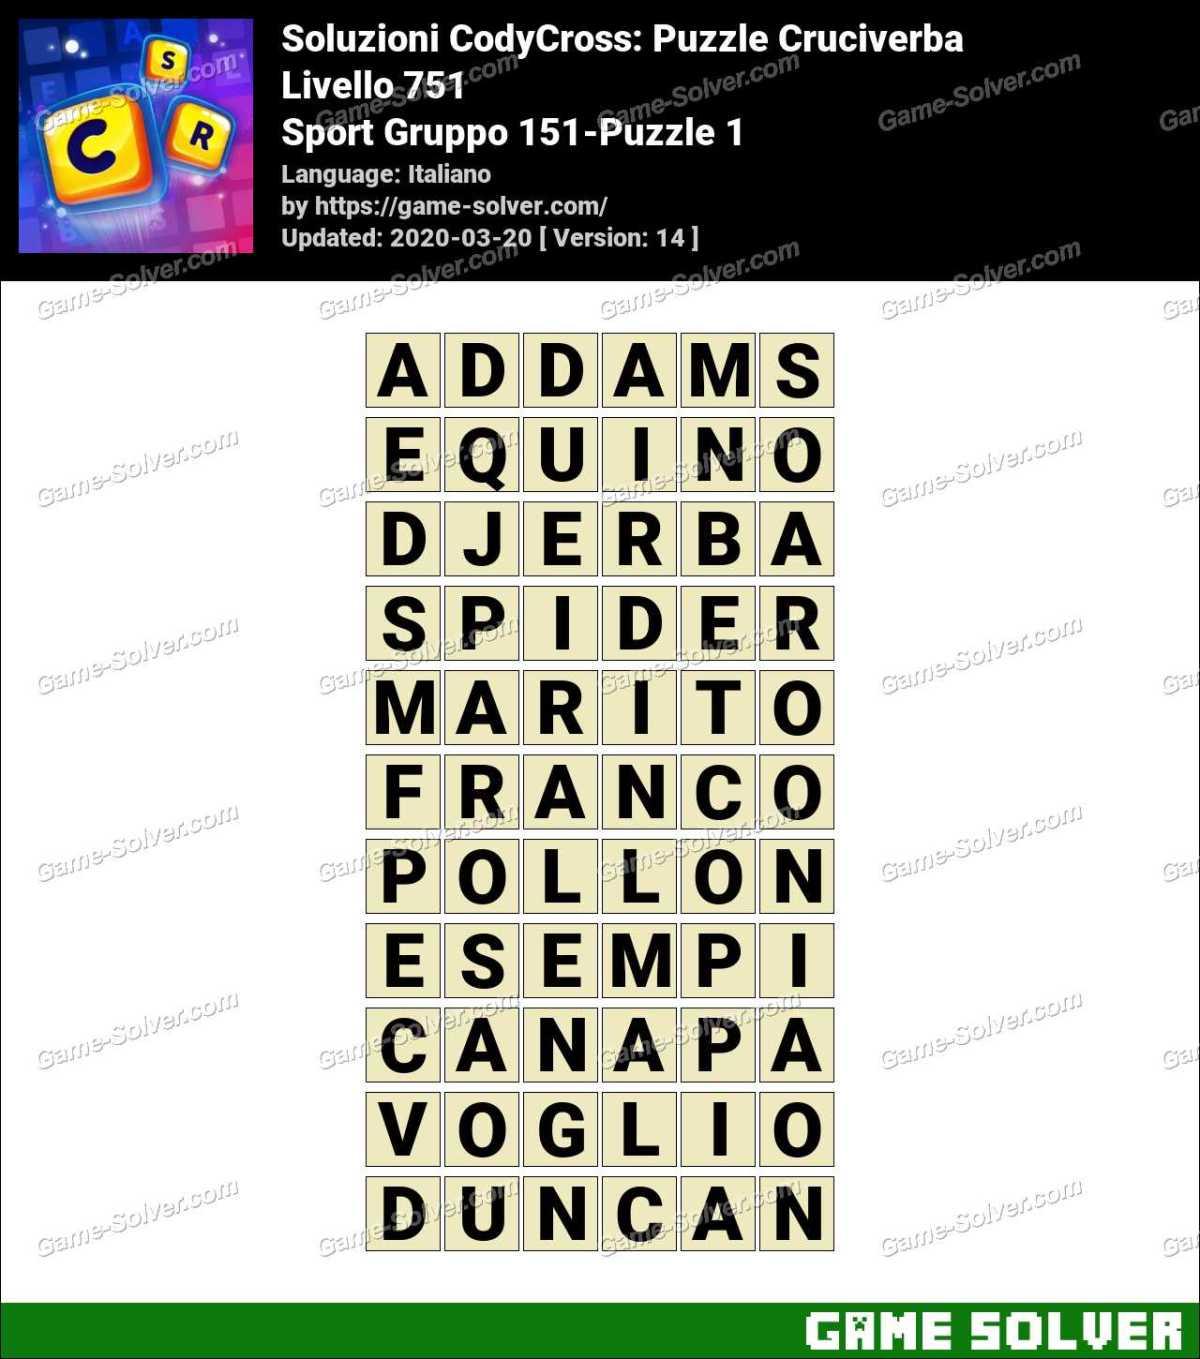 Soluzioni CodyCross Sport Gruppo 151-Puzzle 1